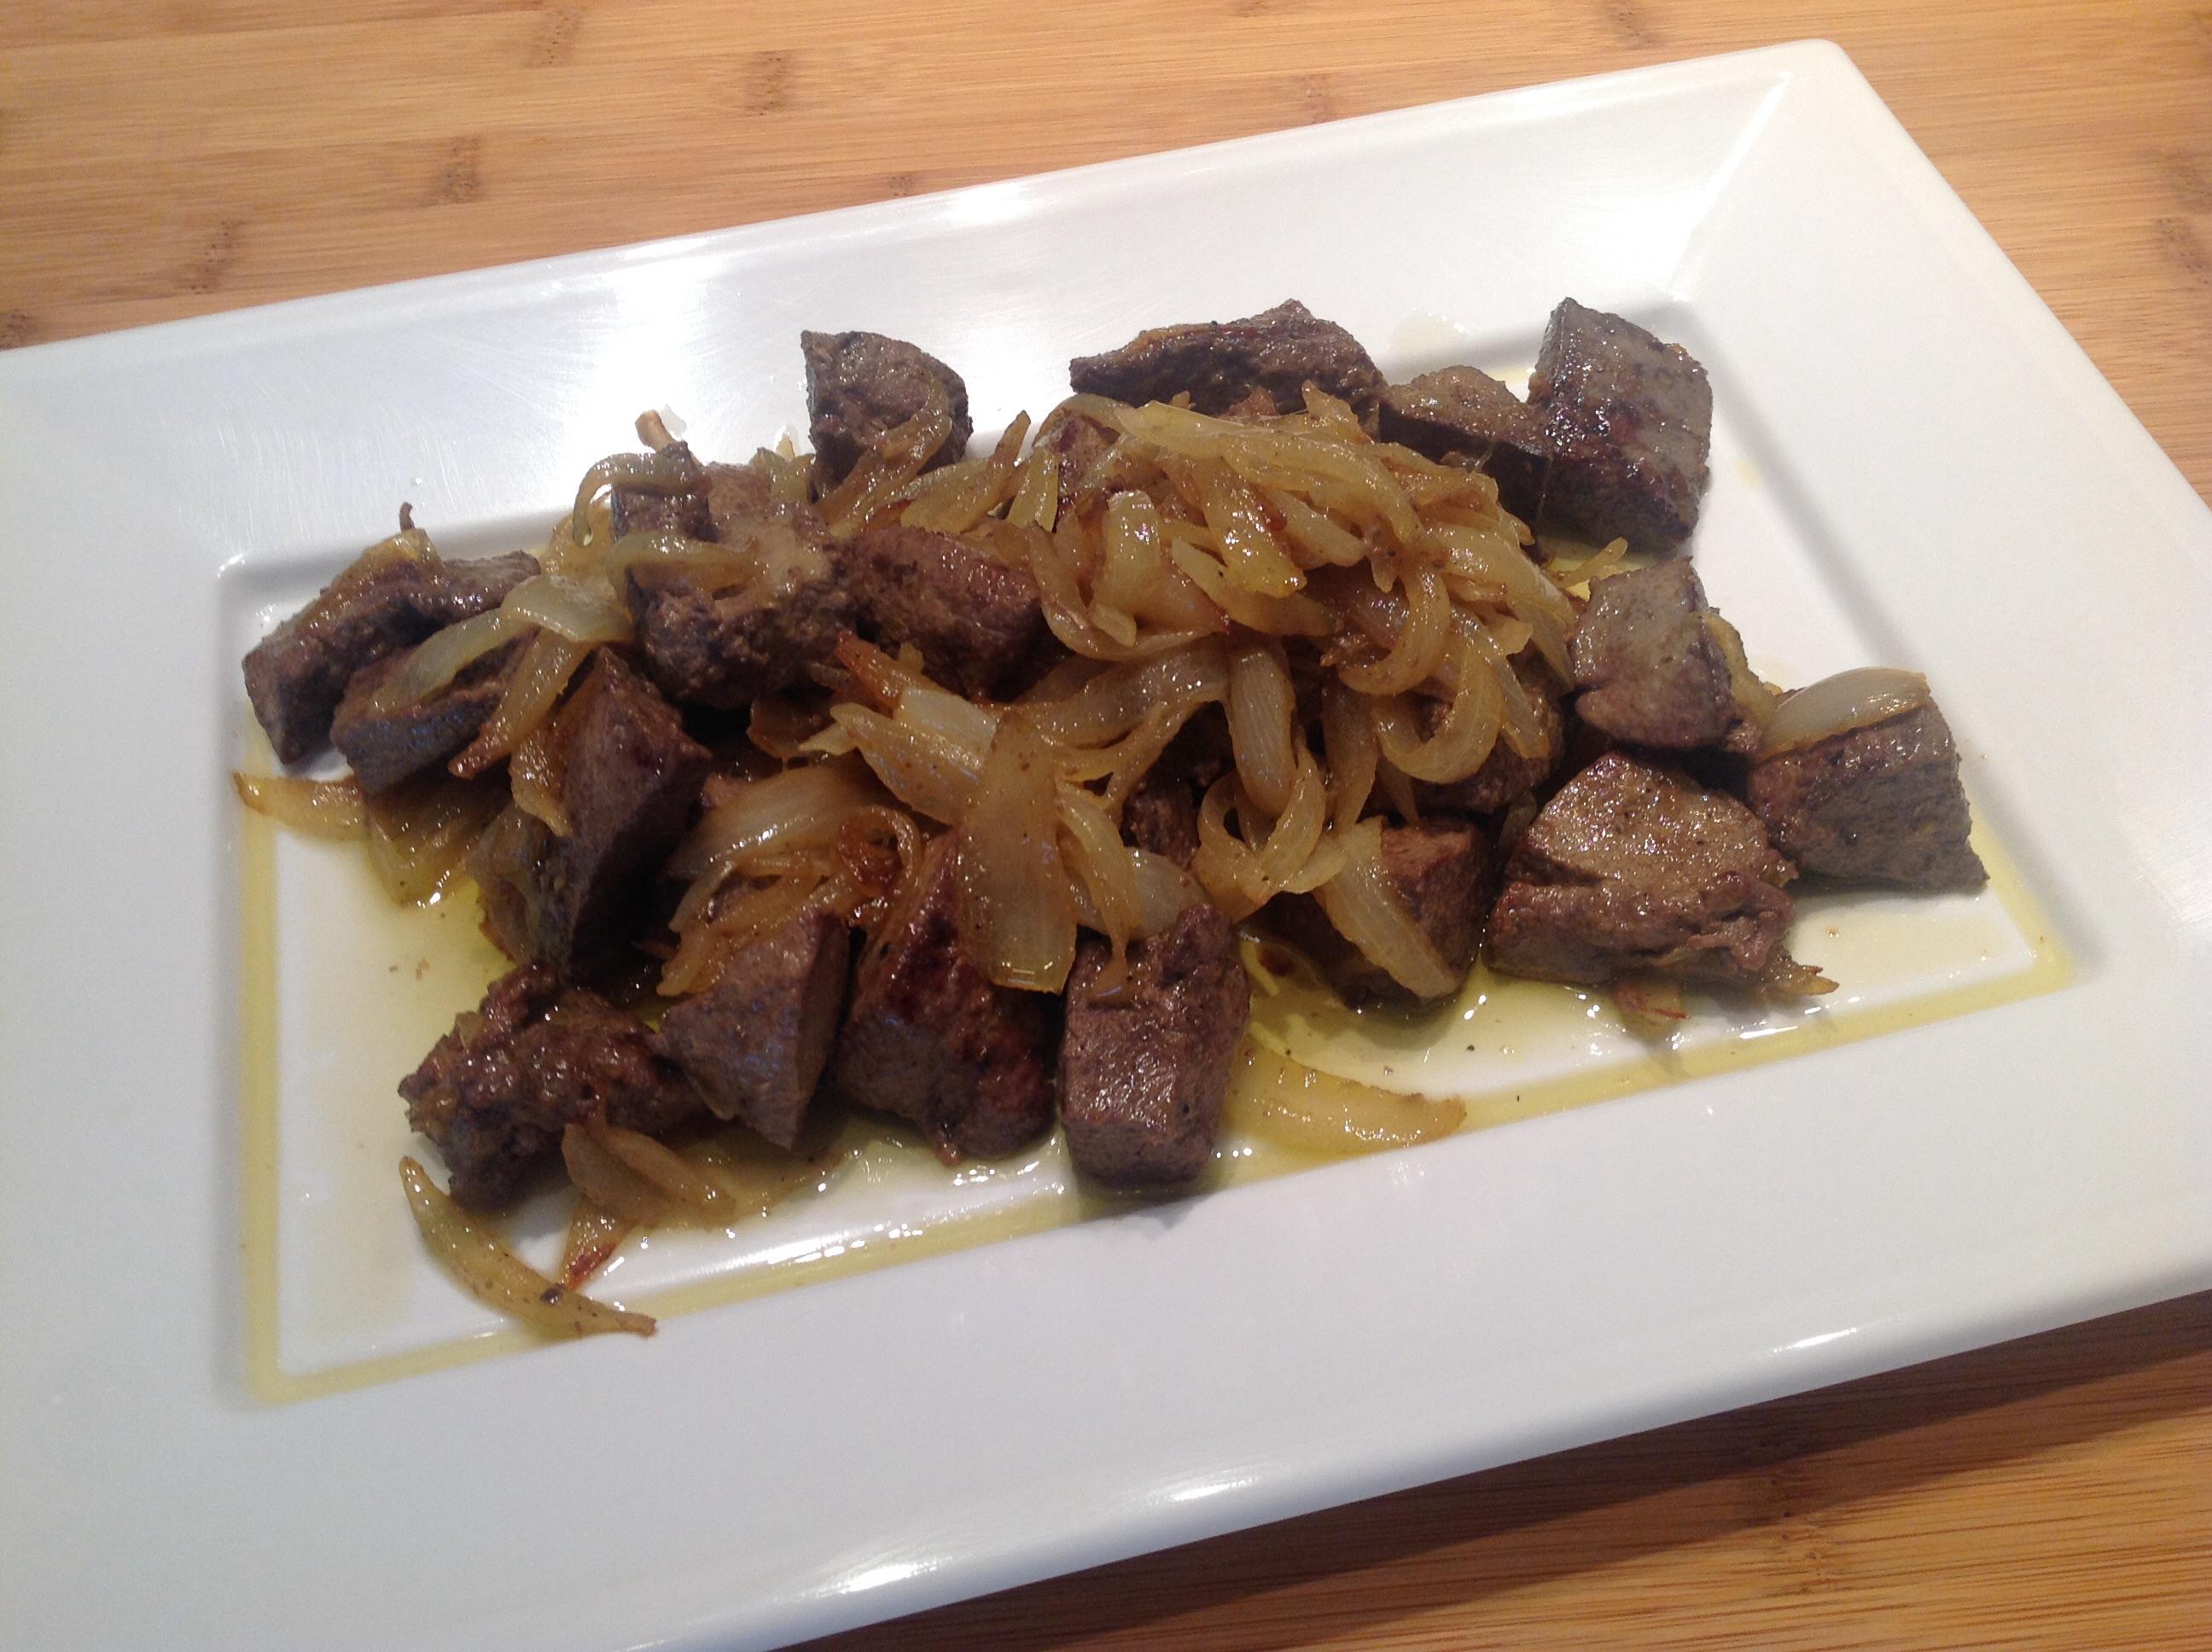 Fegato alla veneziana sapori caserecci di giovanni brigand - Cucina tipica veneziana ...